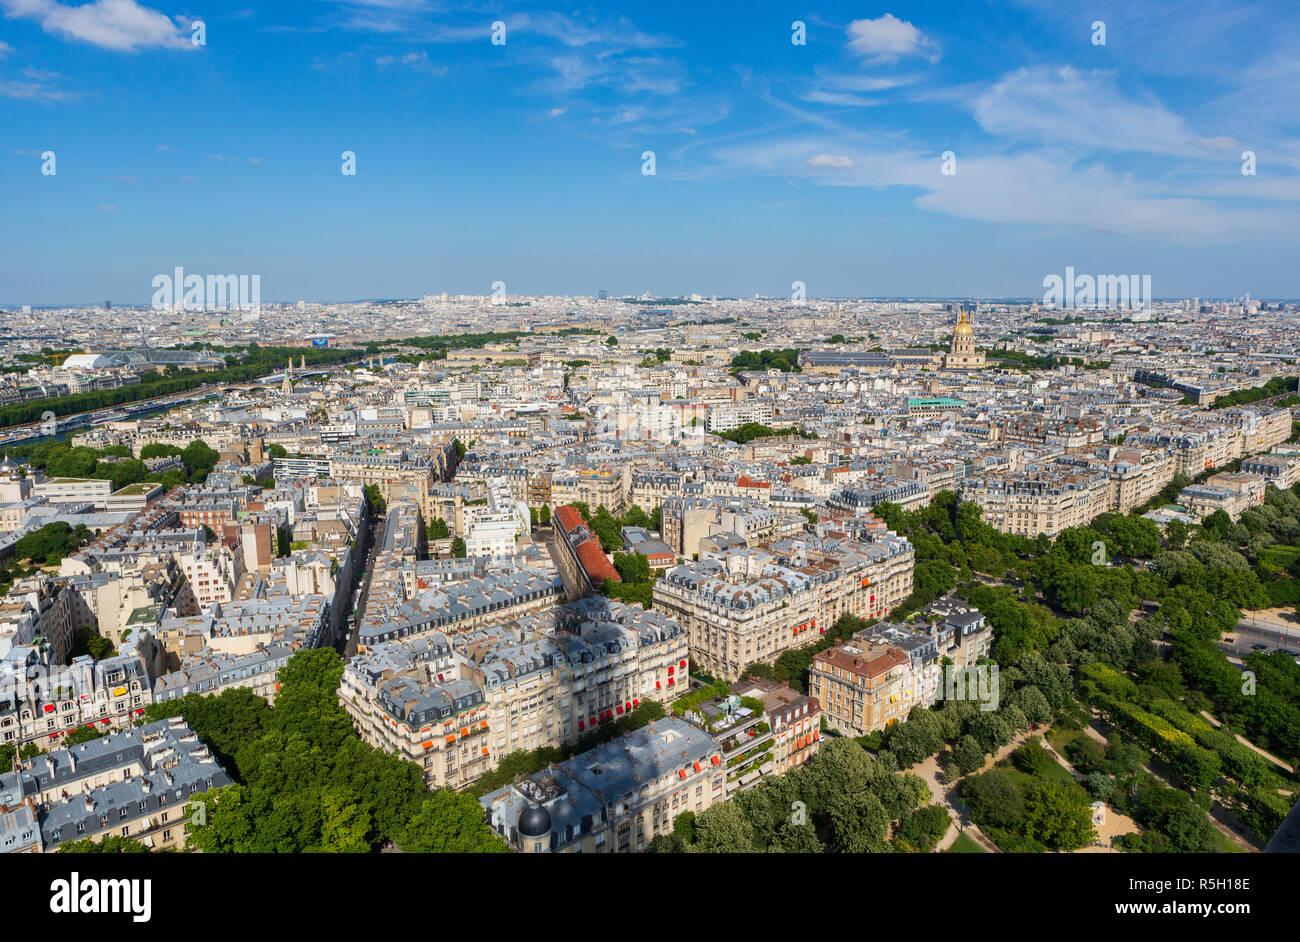 La ville de Paris, France, vu de la Tour Eiffel. Banque D'Images